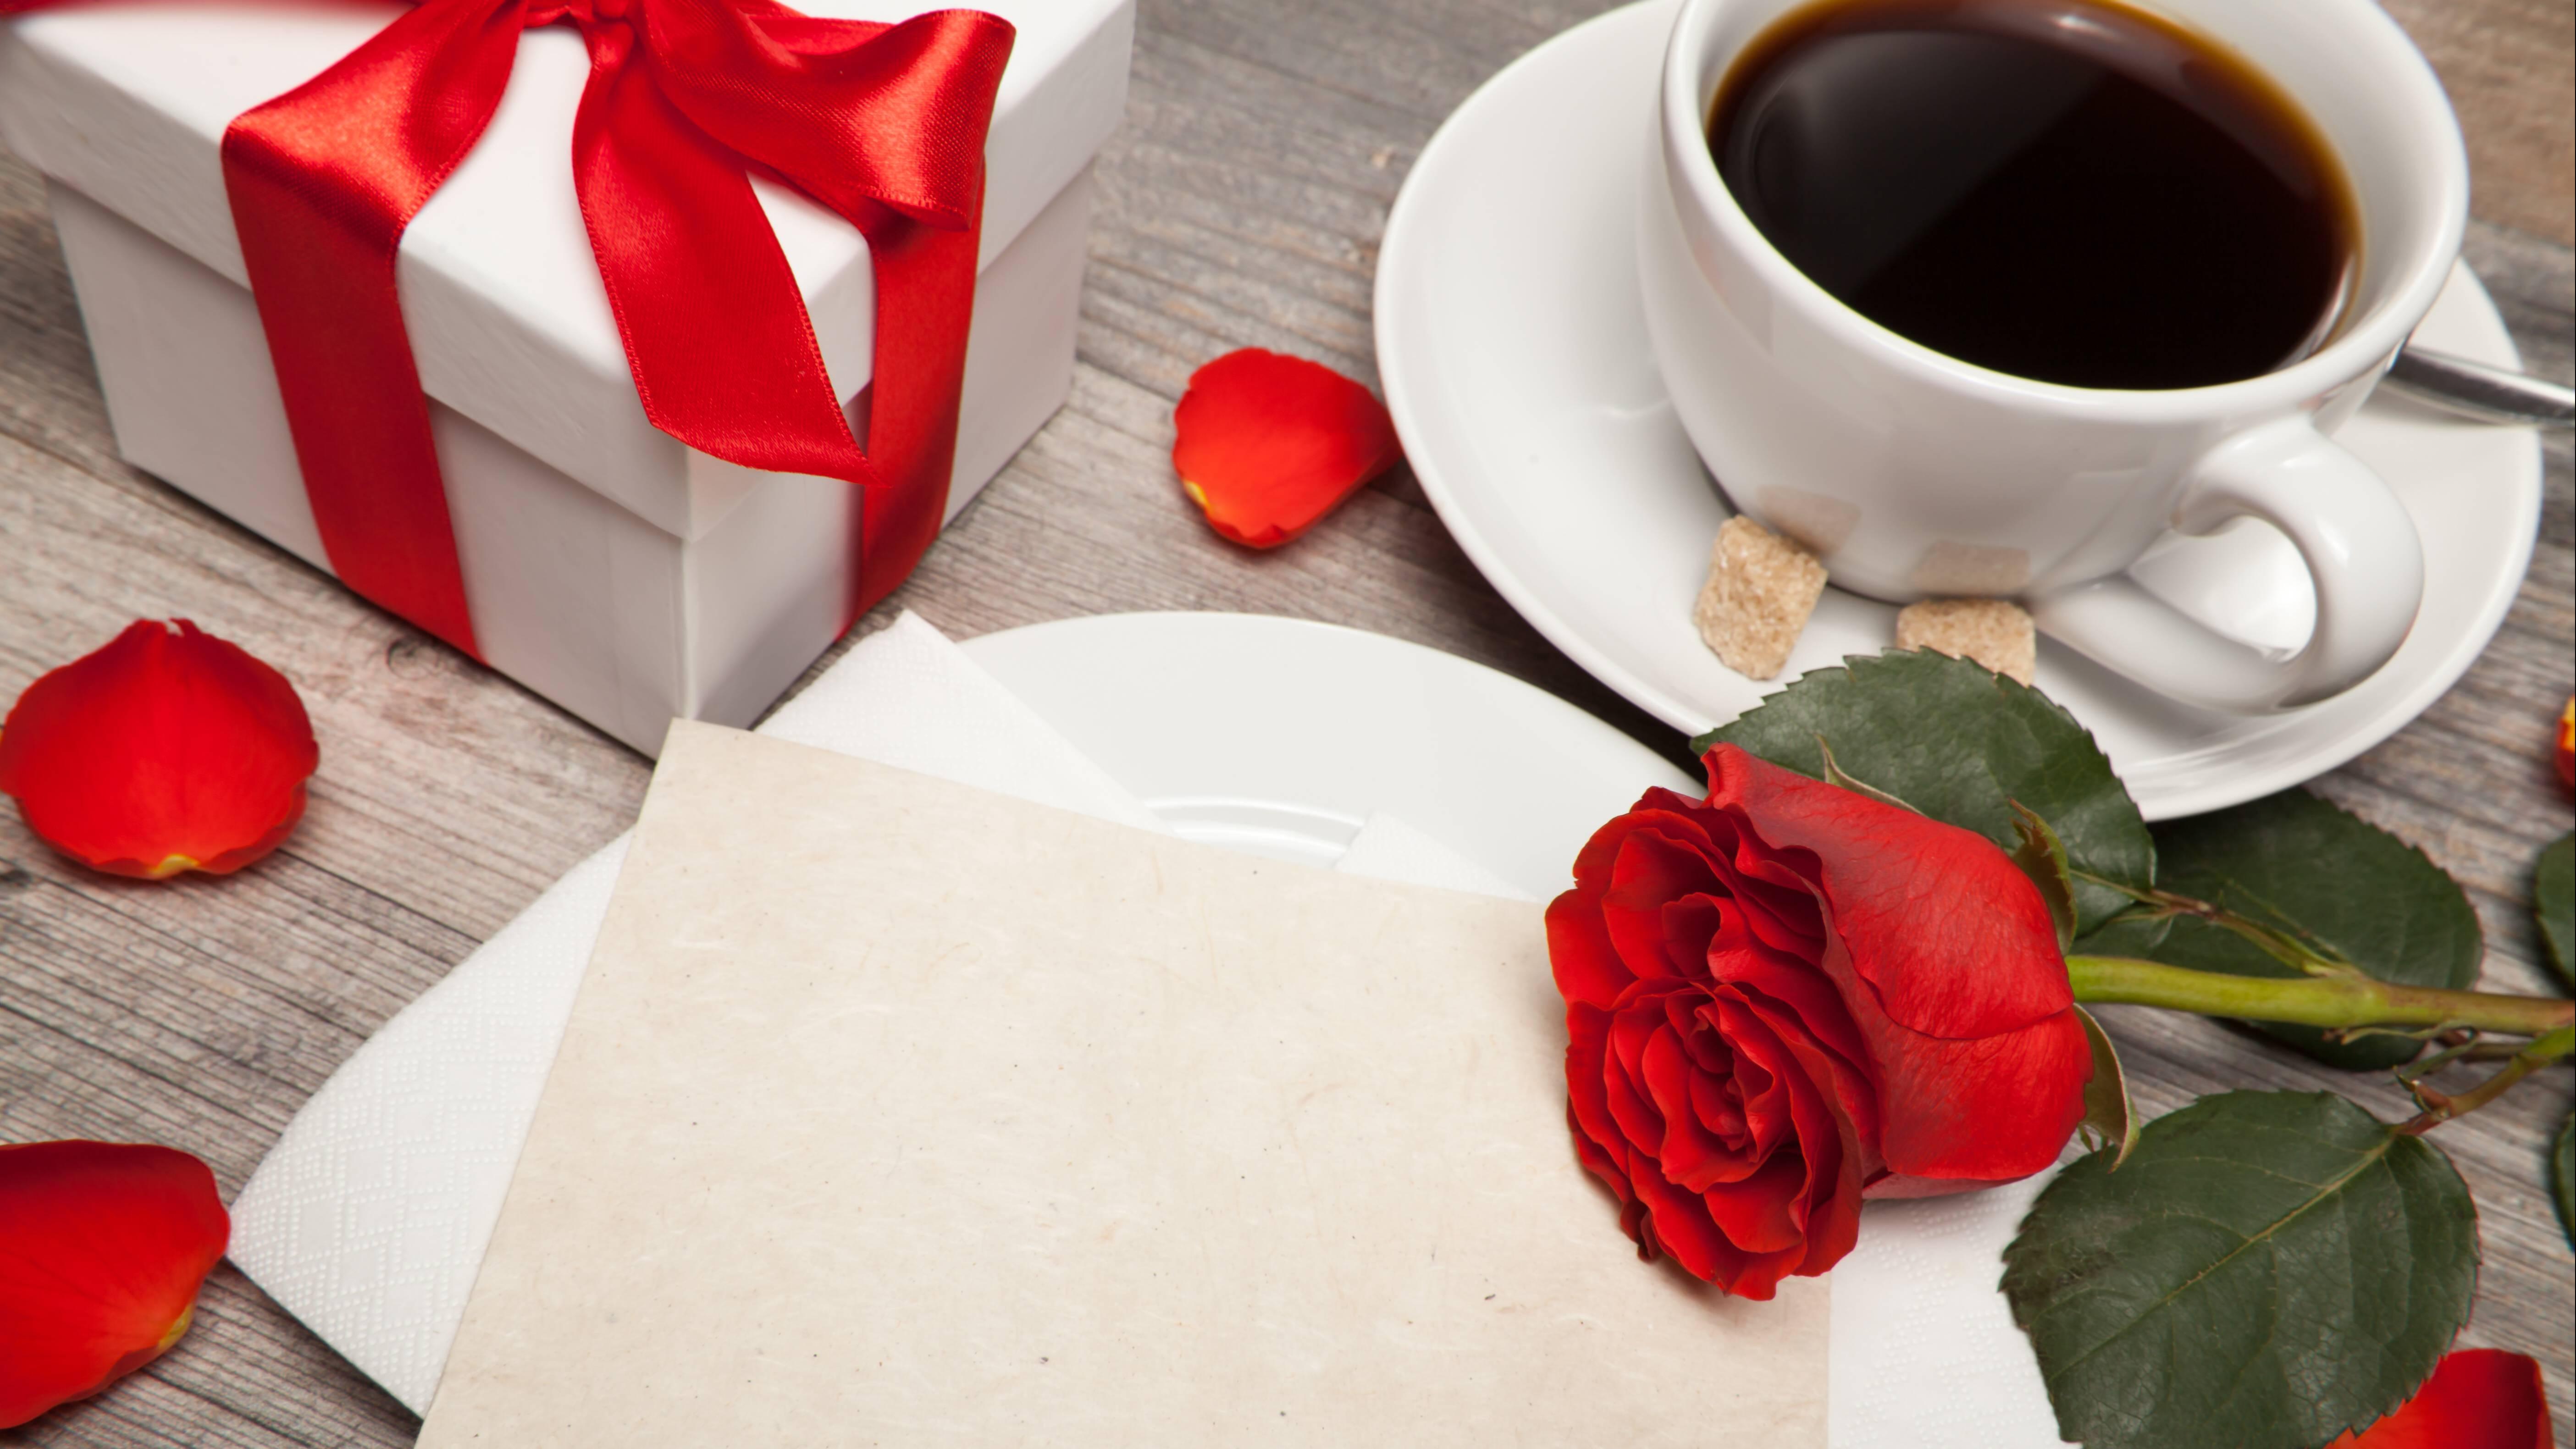 Kreative Glückwünsche zum Hochzeitstag für befreundete Pärchen oder um dem eigenen Partner seine Aufmerksamkeit und Liebe auszudrücken.